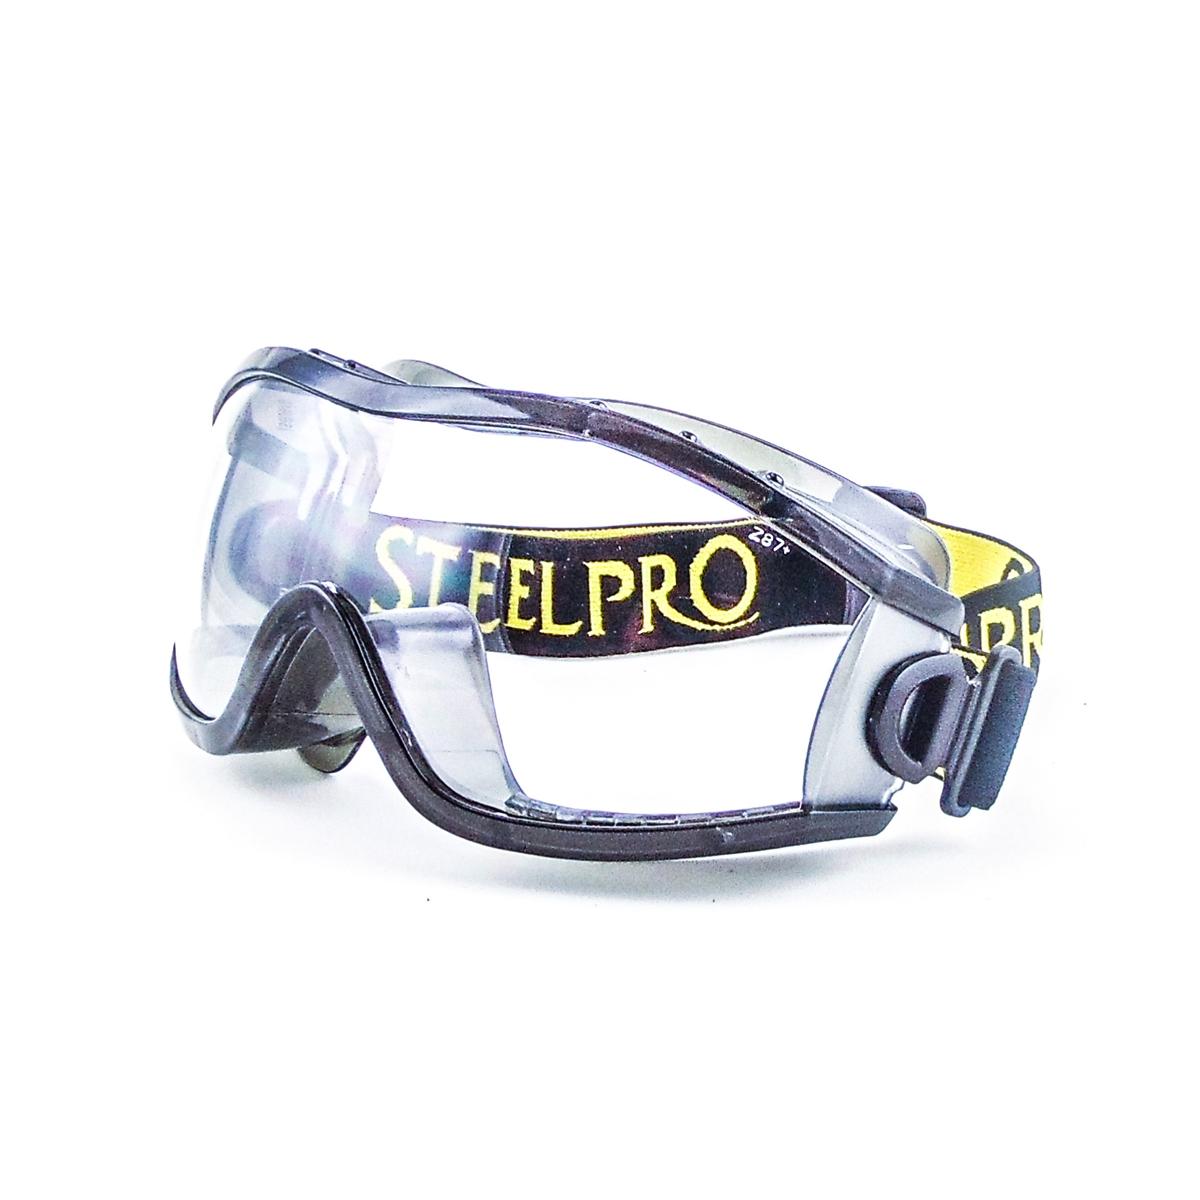 bd98b732e4afa Arquivos Proteção Facial - Equipamentos de Proteção Equipamentos de ...